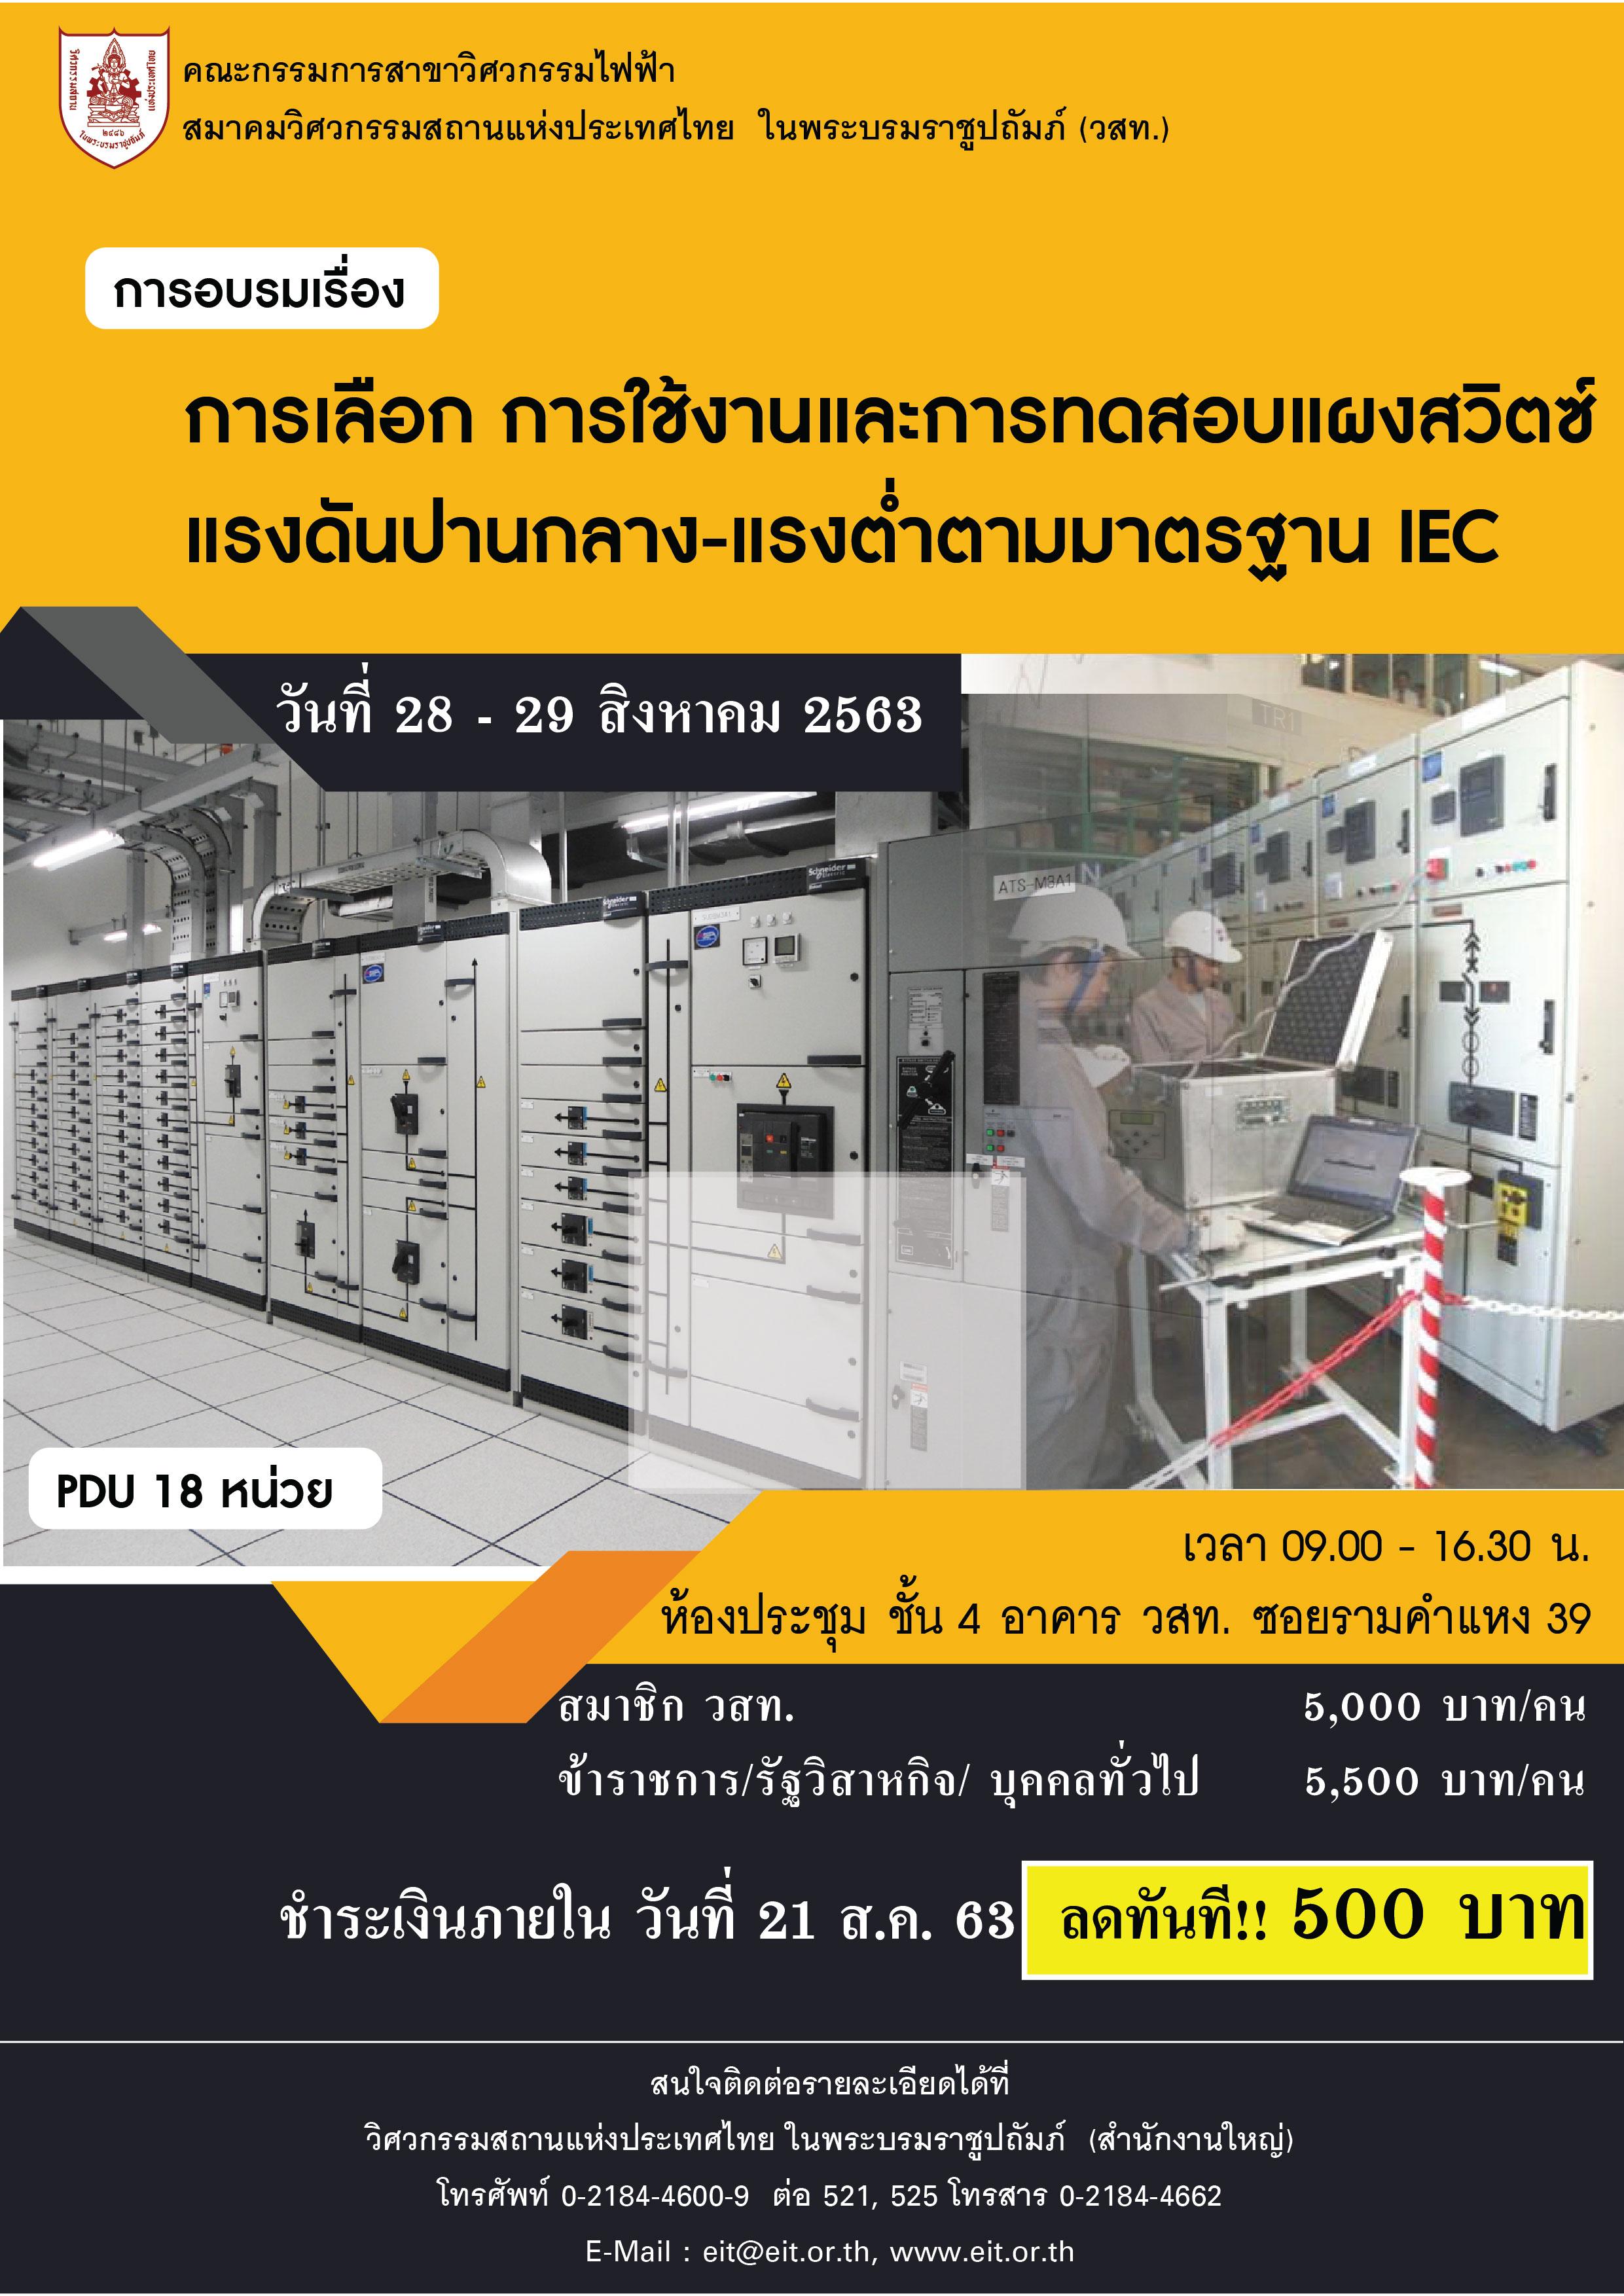 28-29/08/2563 การอบรมเรื่อง การเลือก การใช้งานและการทดสอบแผงสวิตช์แรงดันปานกลาง-แรงต่ำ ตามมาตรฐาน IEC